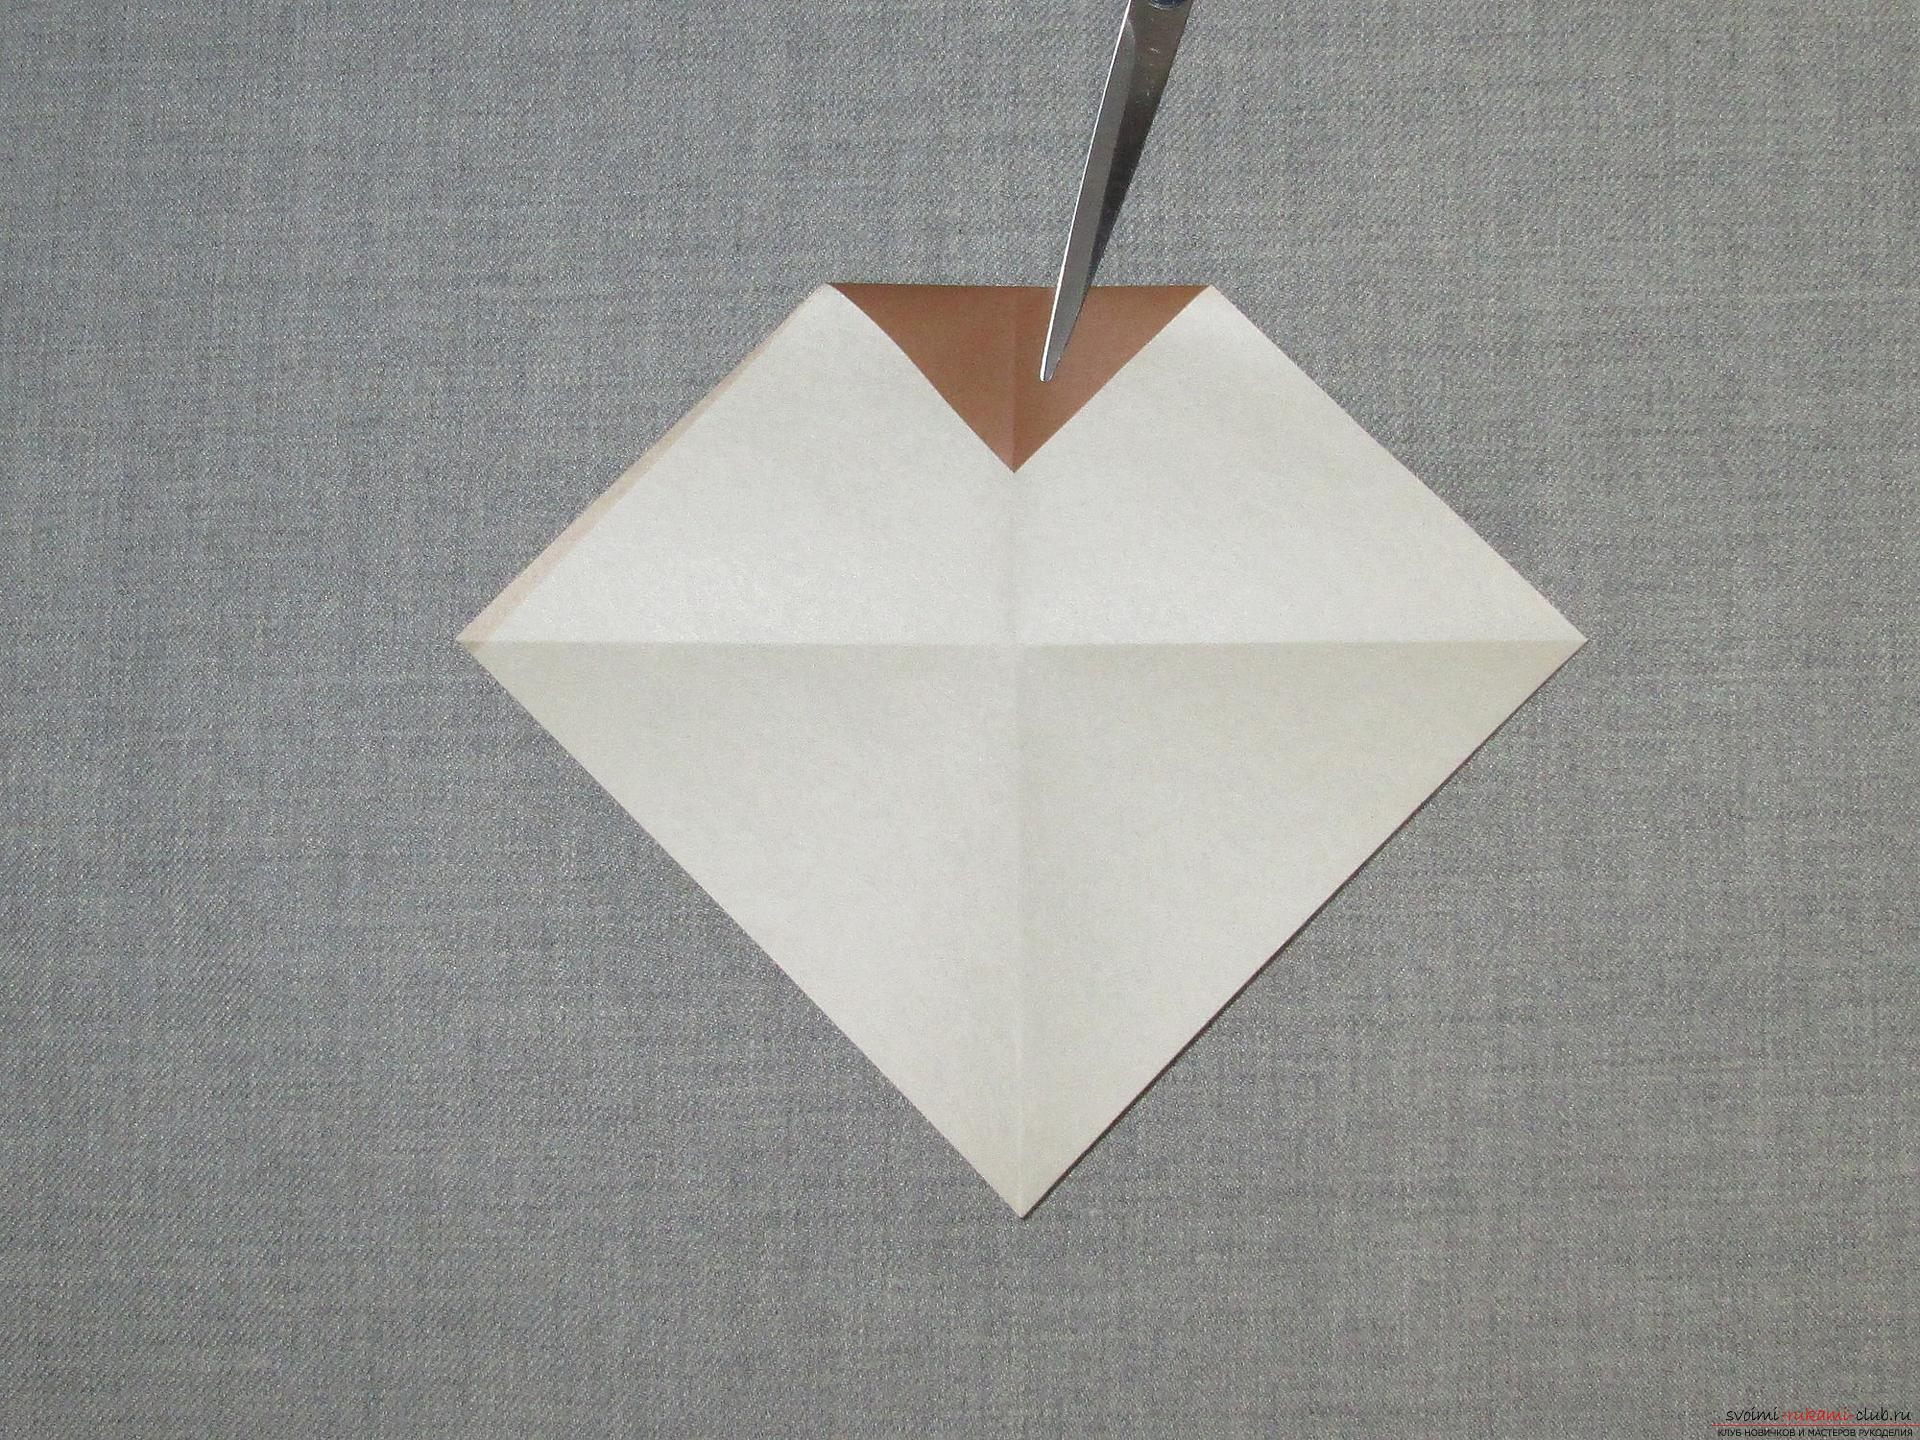 Как сделать сову из бумаги своими руками объемную